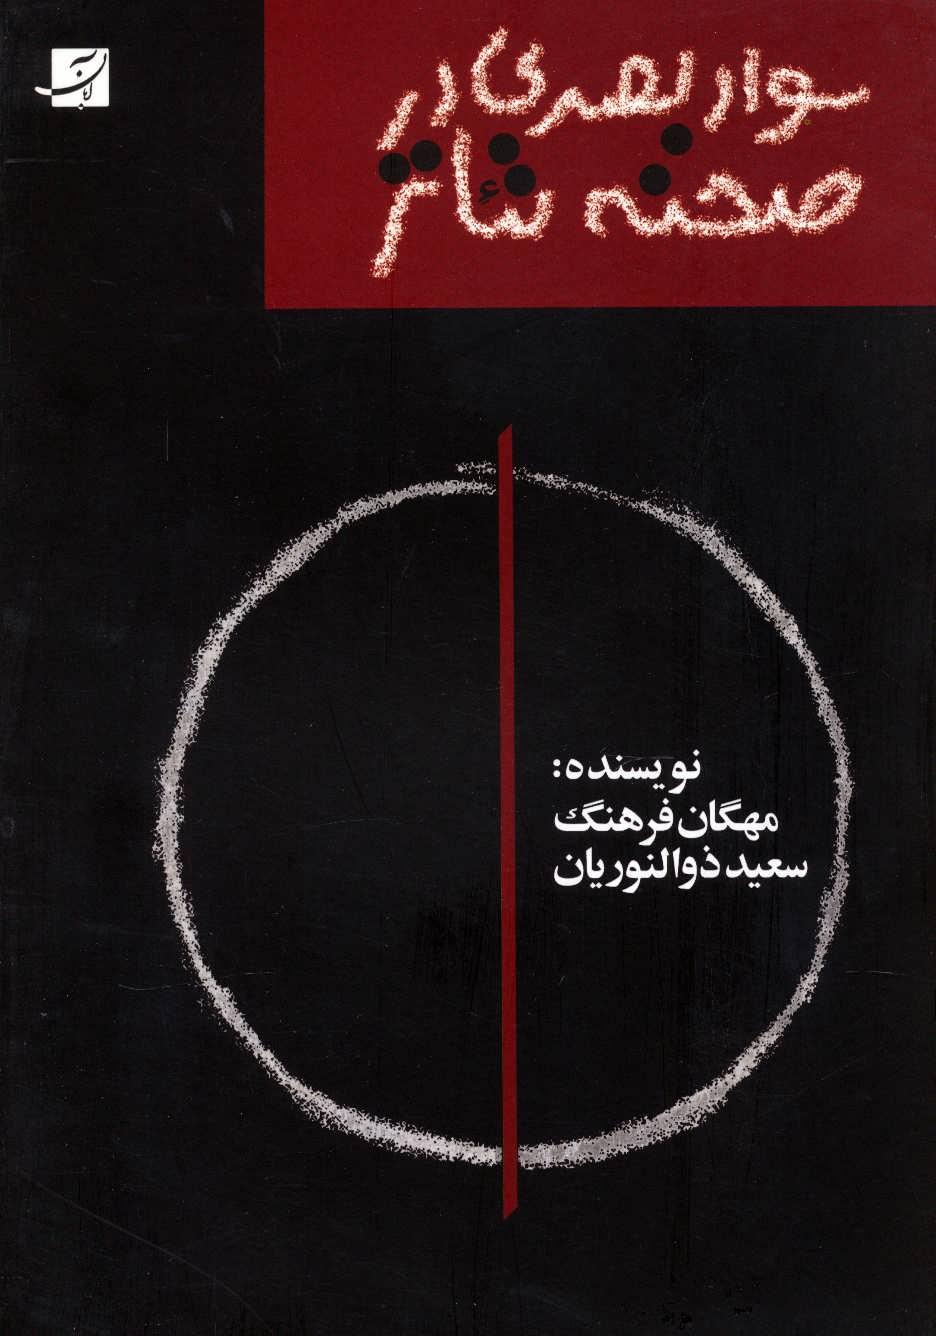 کتاب سواد بصری در صحنه تئاتر